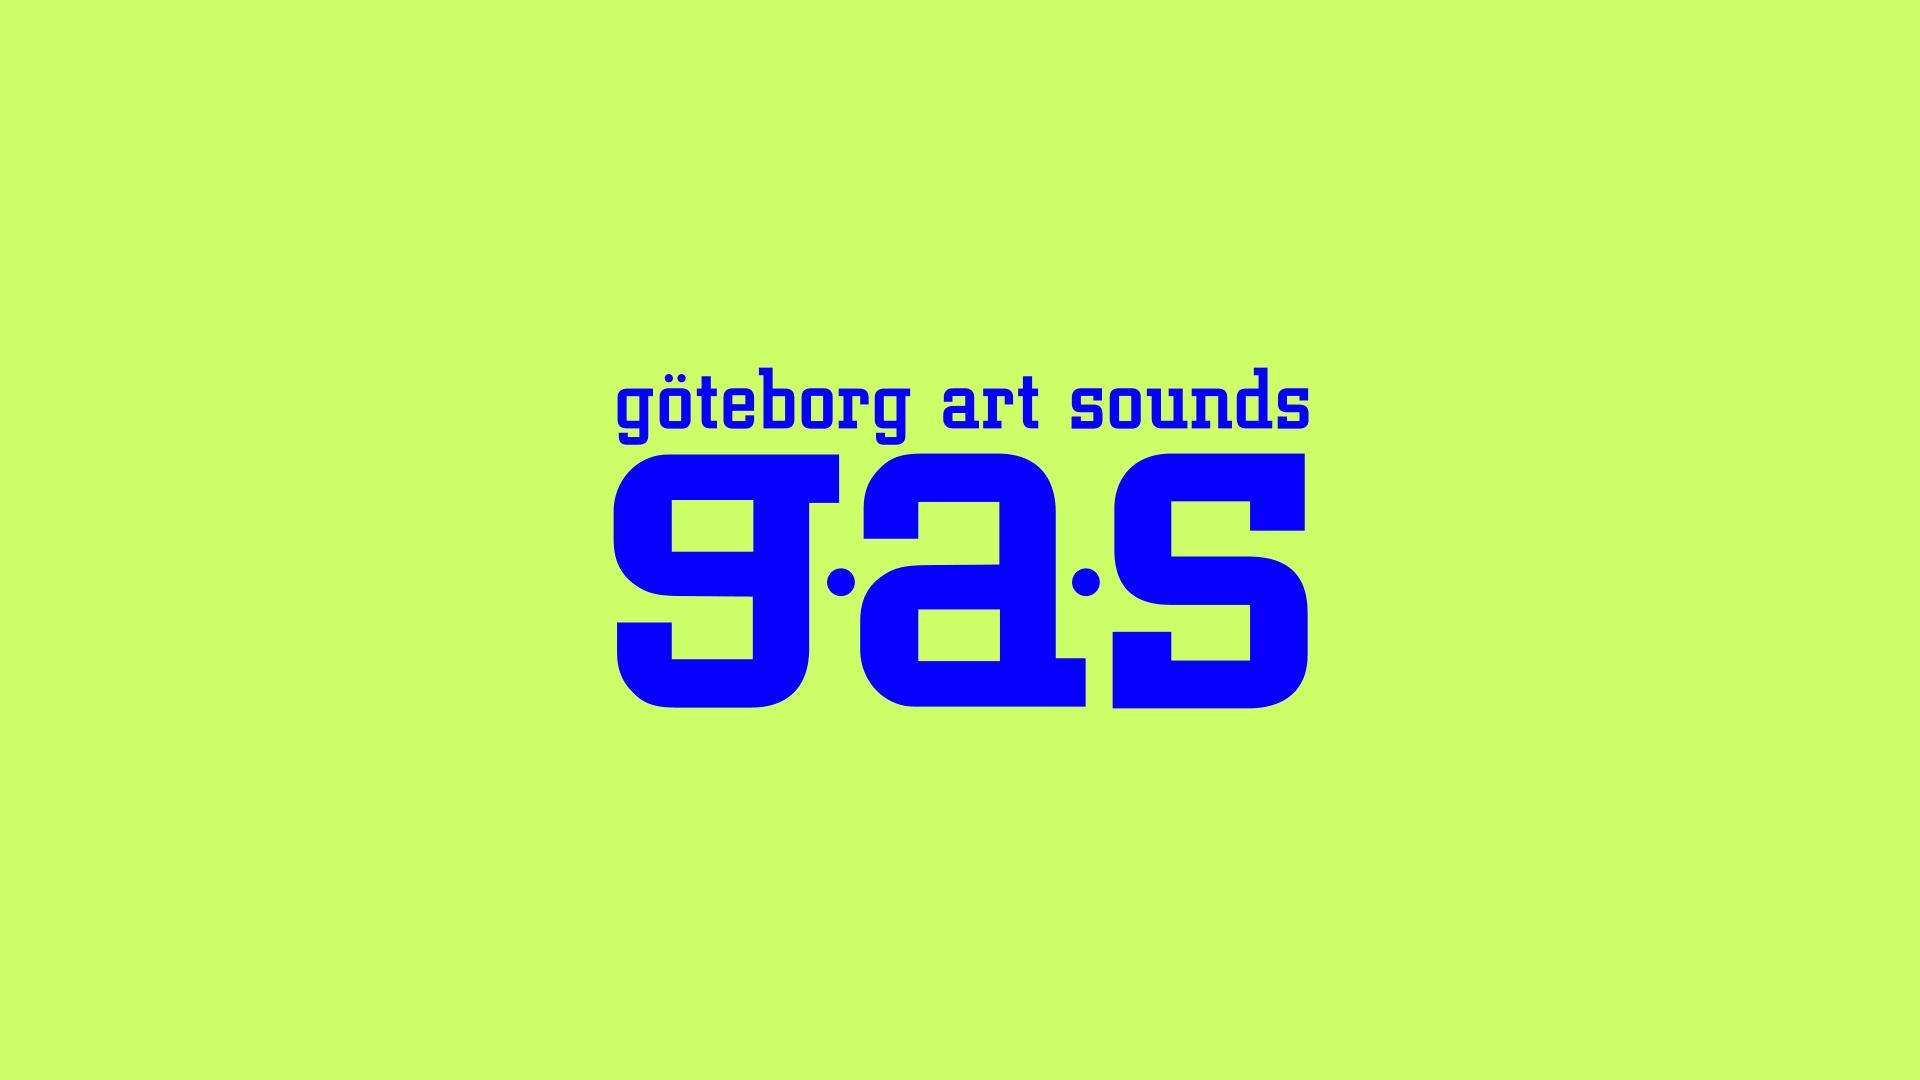 GAS-festivalens logotyp som den såg ut i början